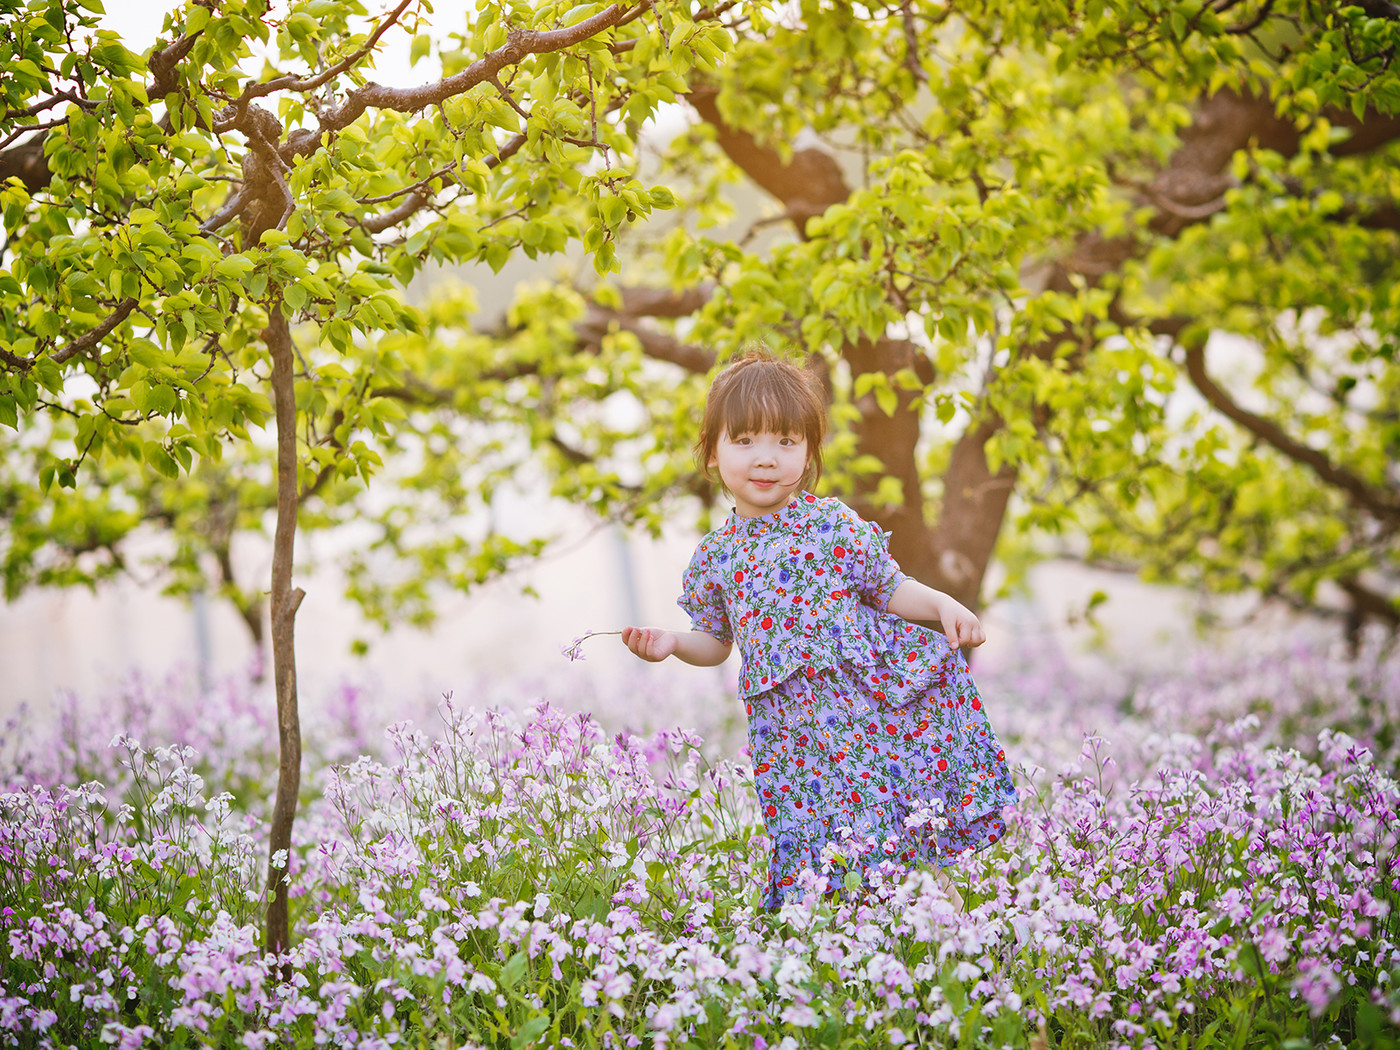 春天在哪里?5